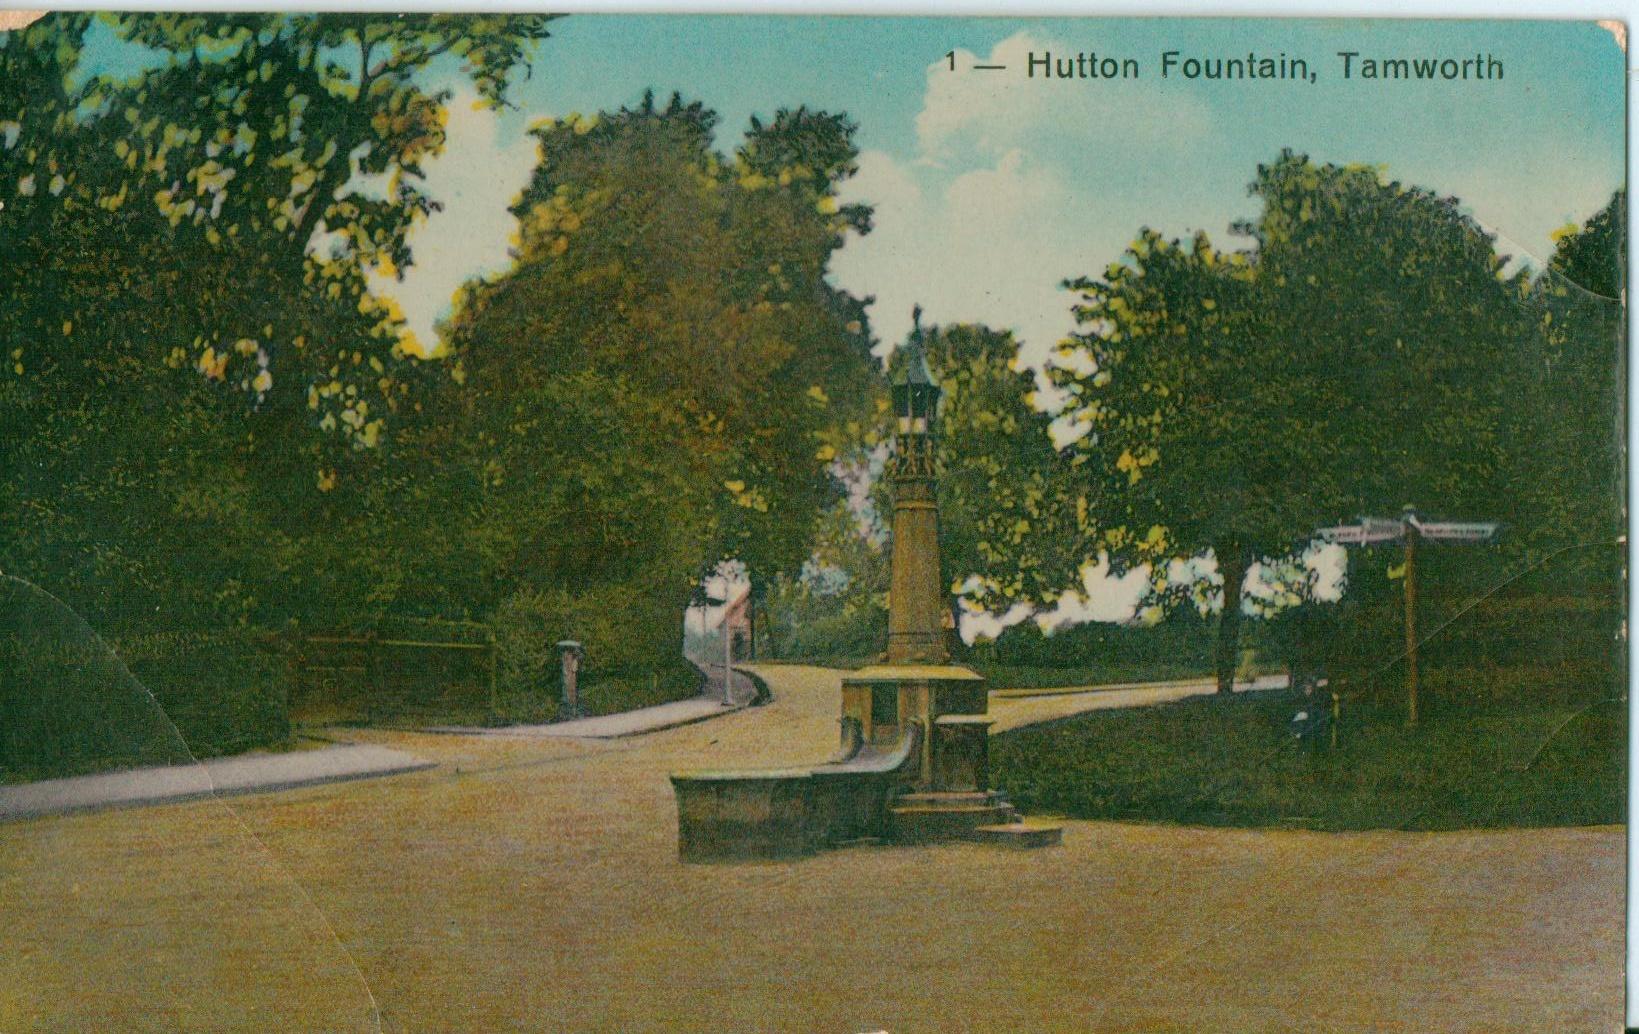 Hutton Fountain.